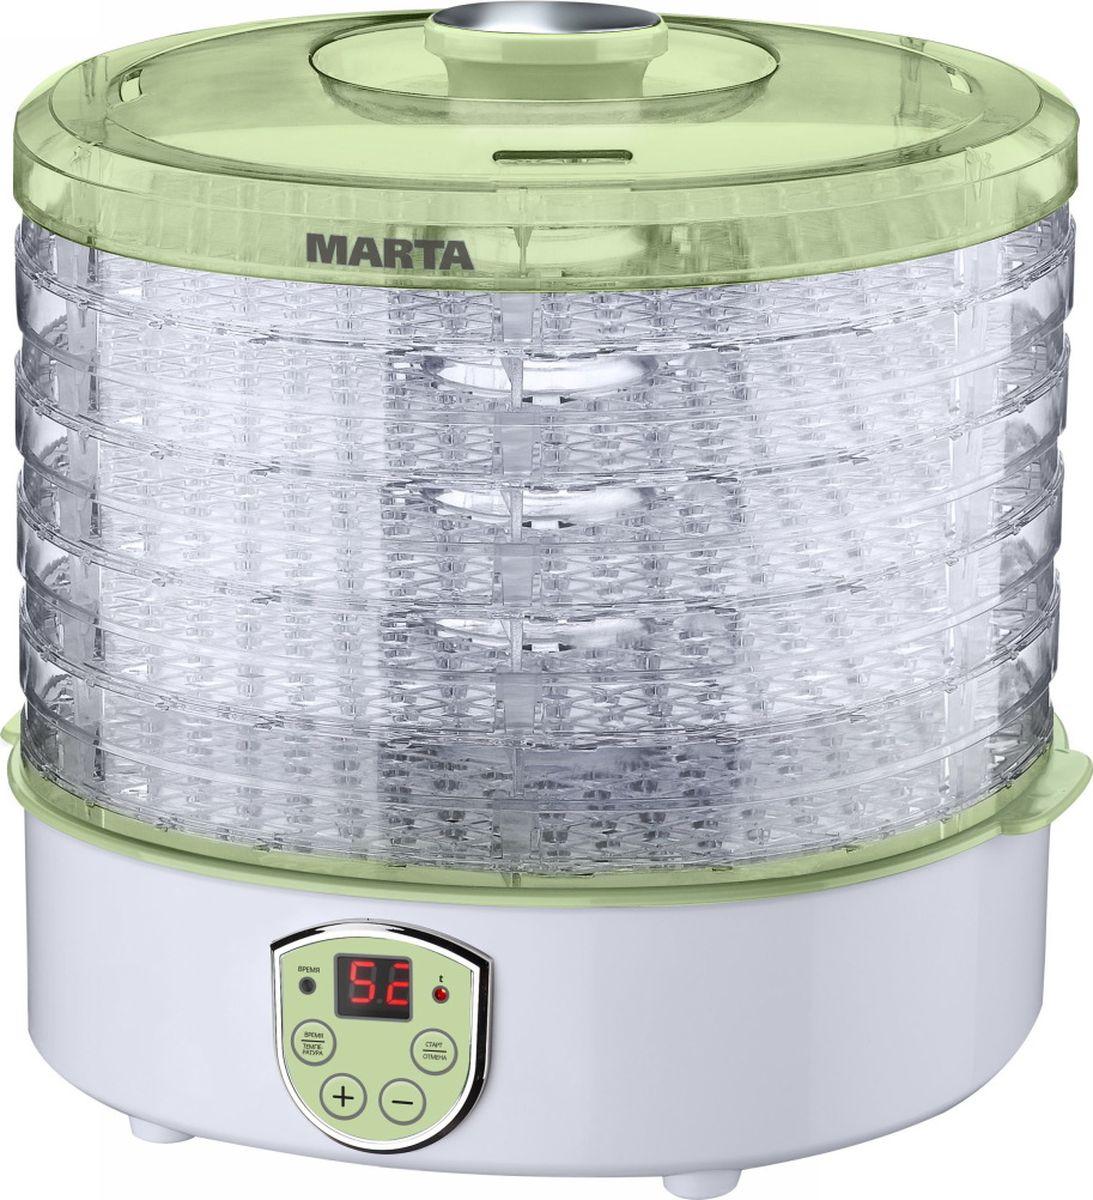 Marta MT-1951, Bright Jasper сушилка для фруктов и овощей - Техника для хранения, консервации и заготовок